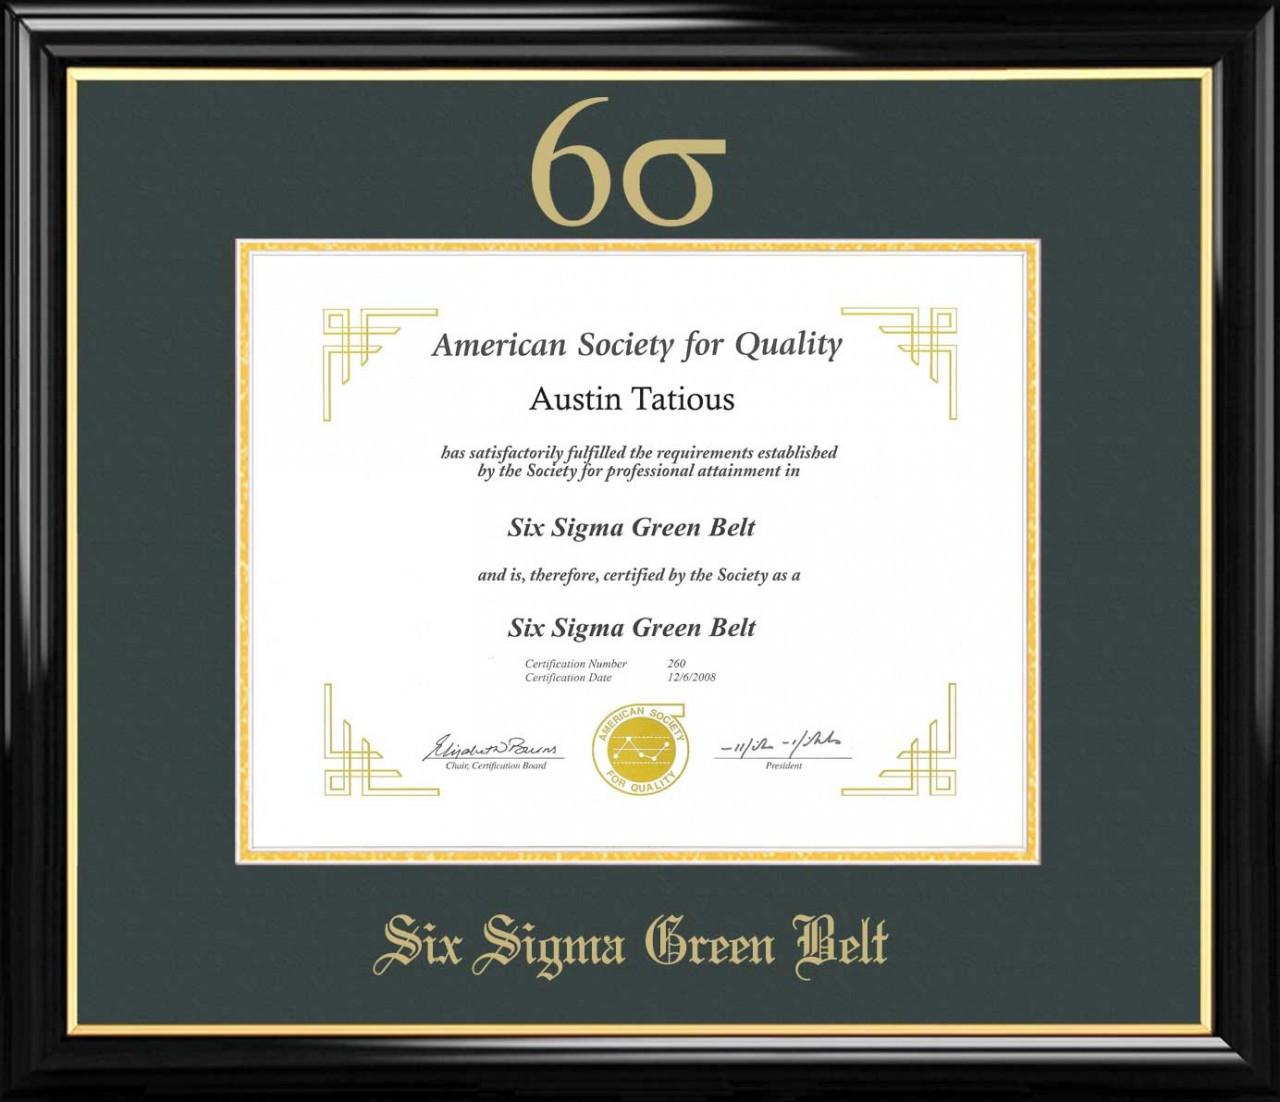 Six Sigma Green Belt Certificate Frame Black With Green Mat